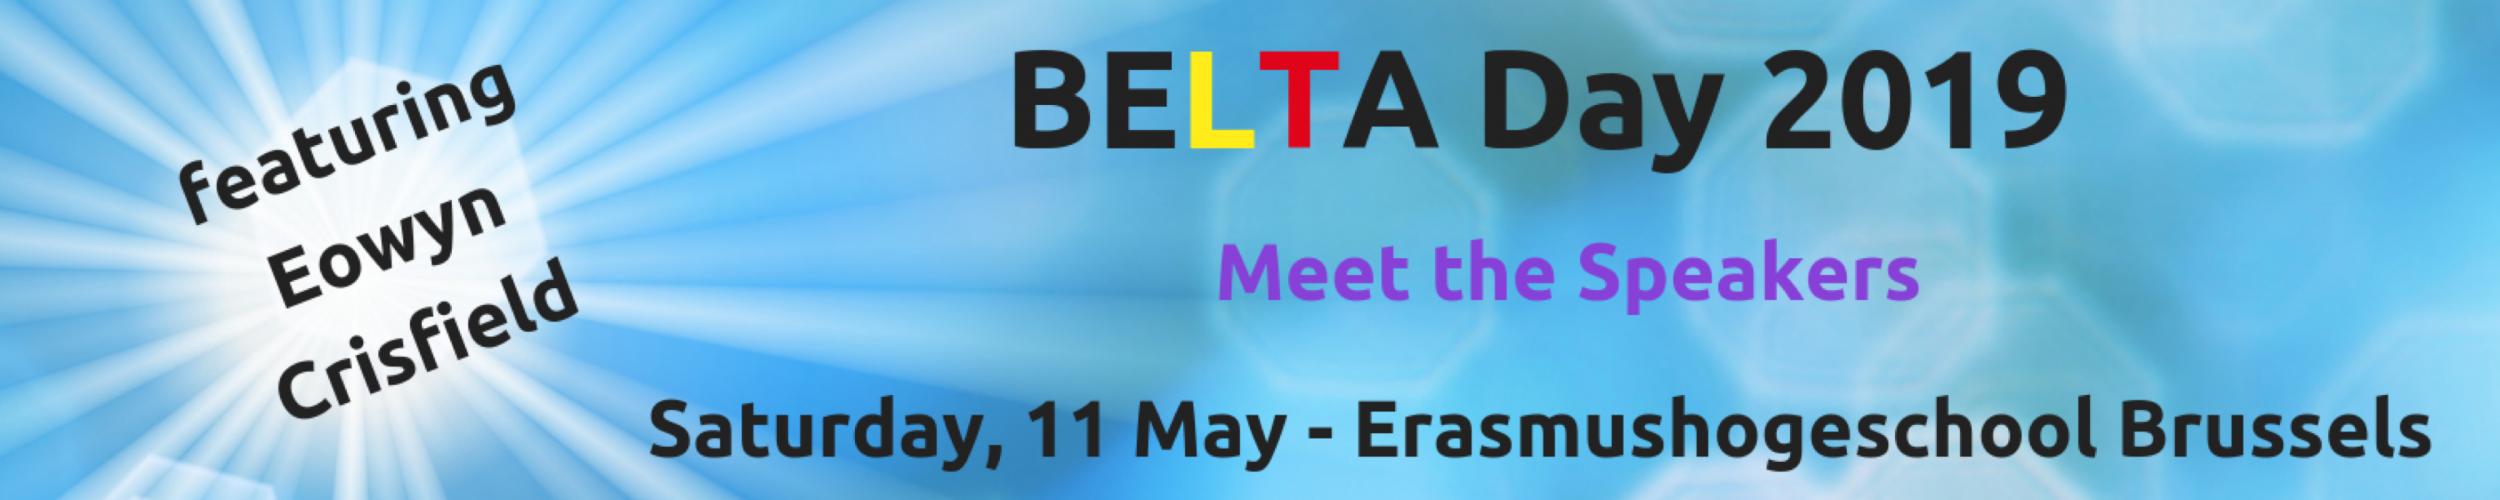 BELTA Day '19: Meet the Speakers